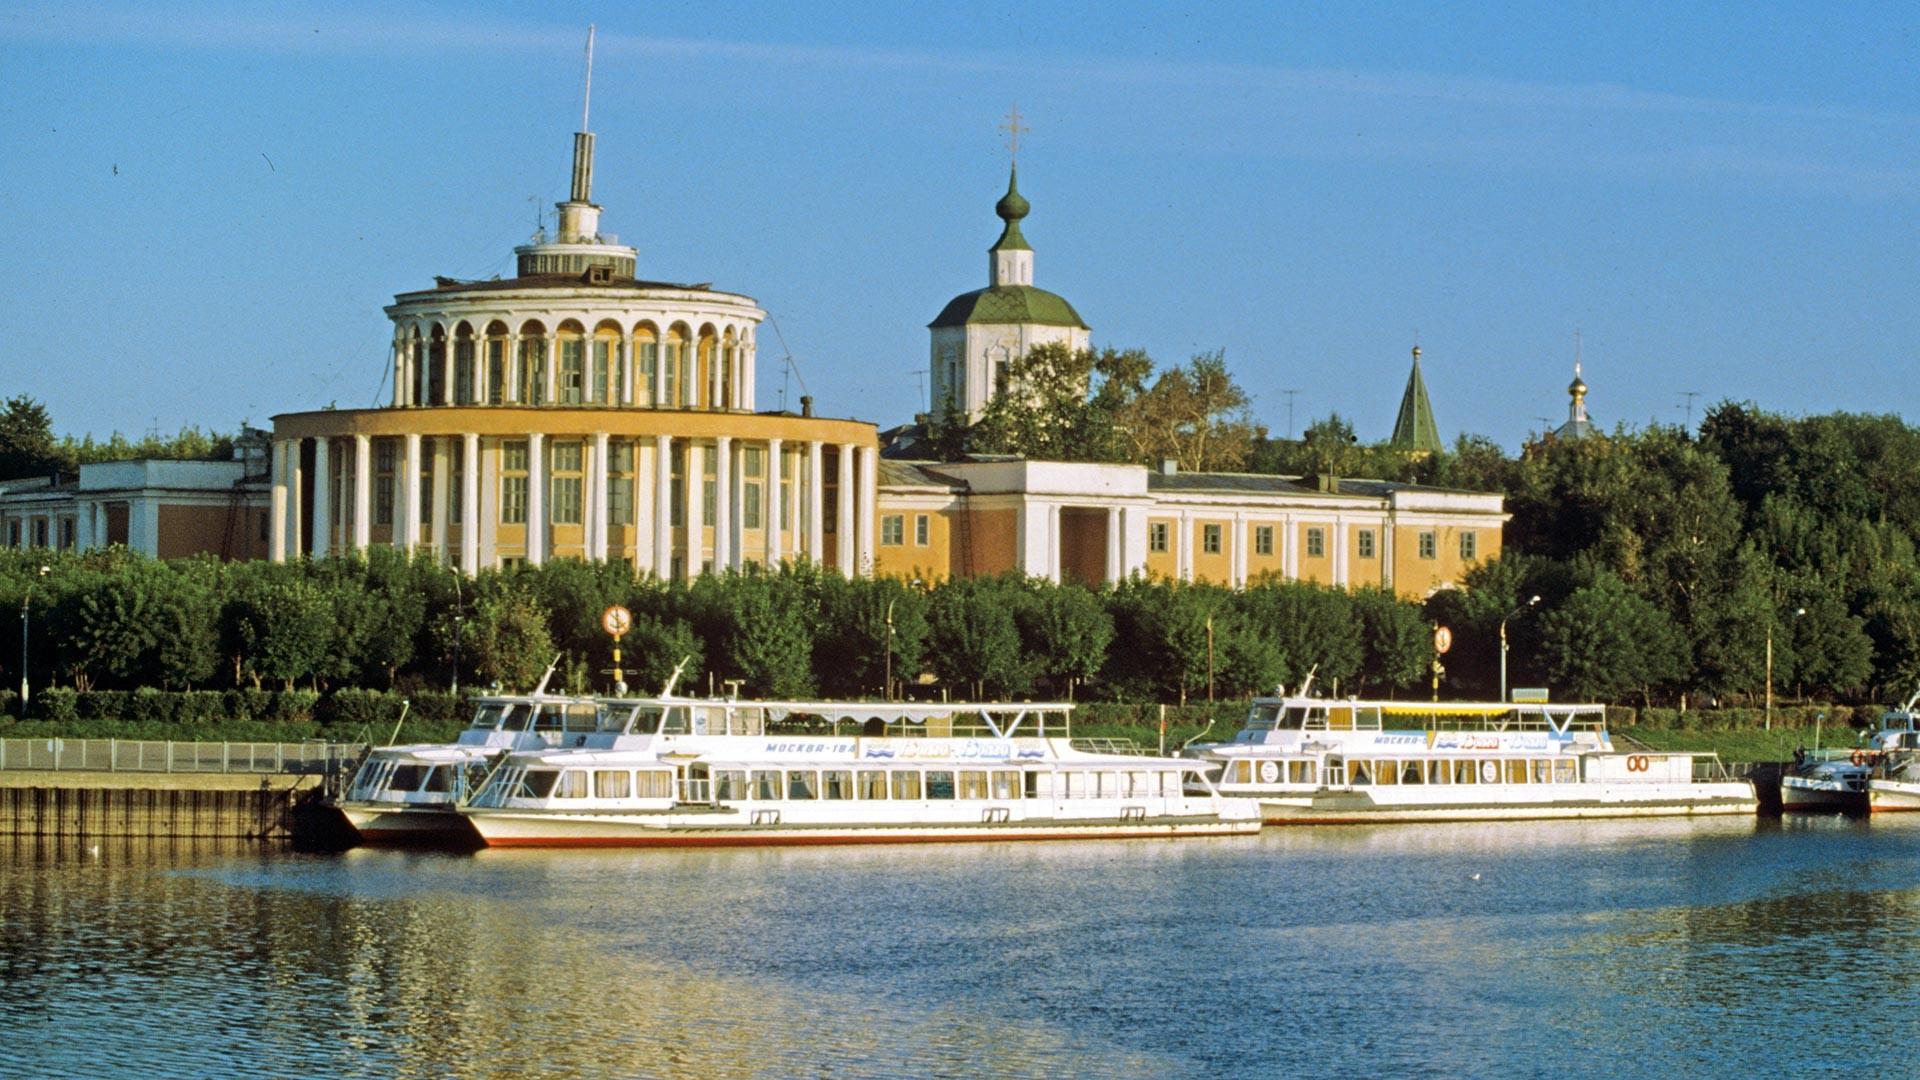 Riječni terminal, Tver